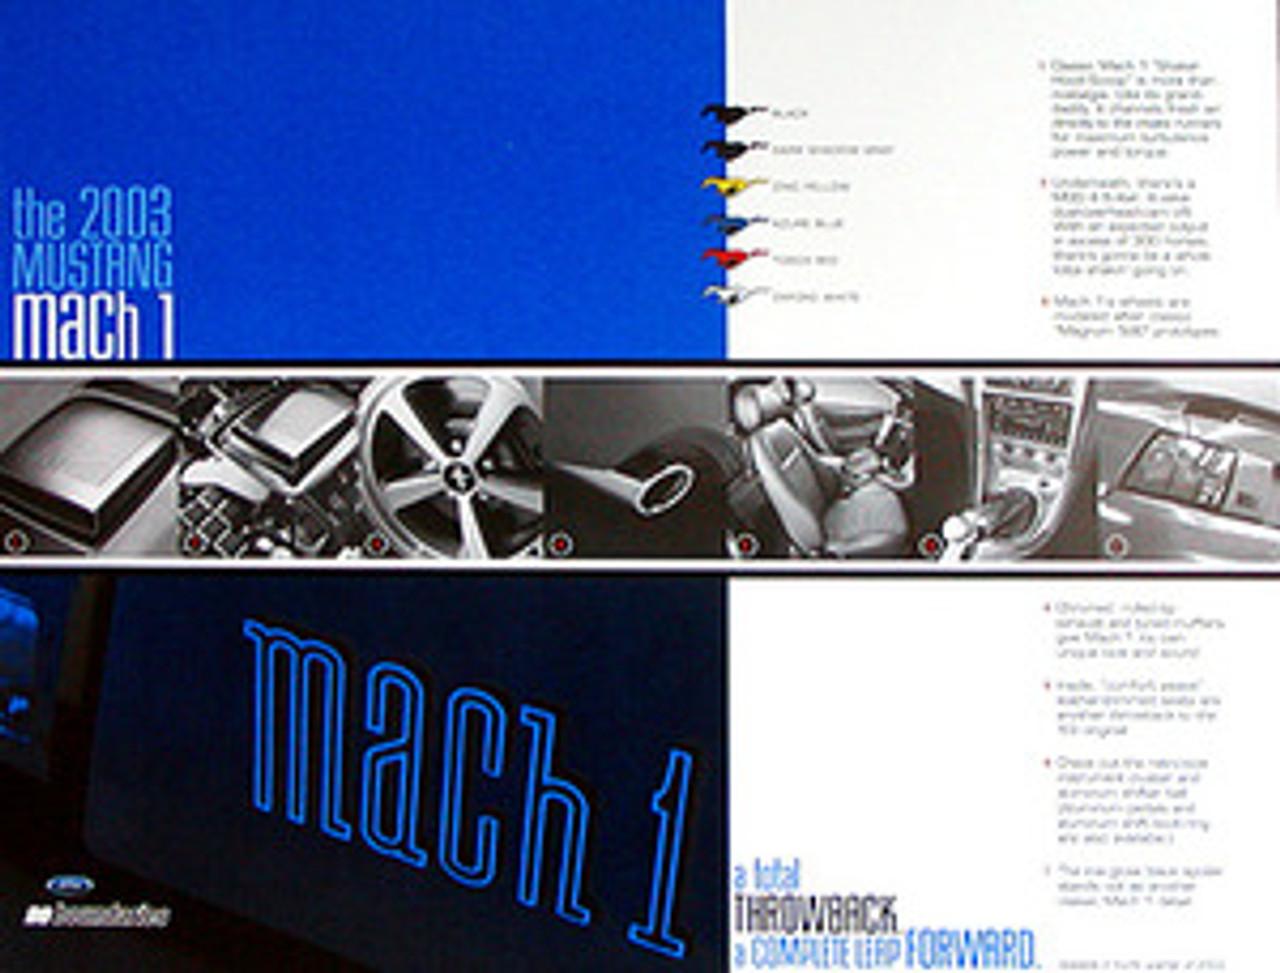 2003 Mustang Mach1 Tech Card - Set of 2